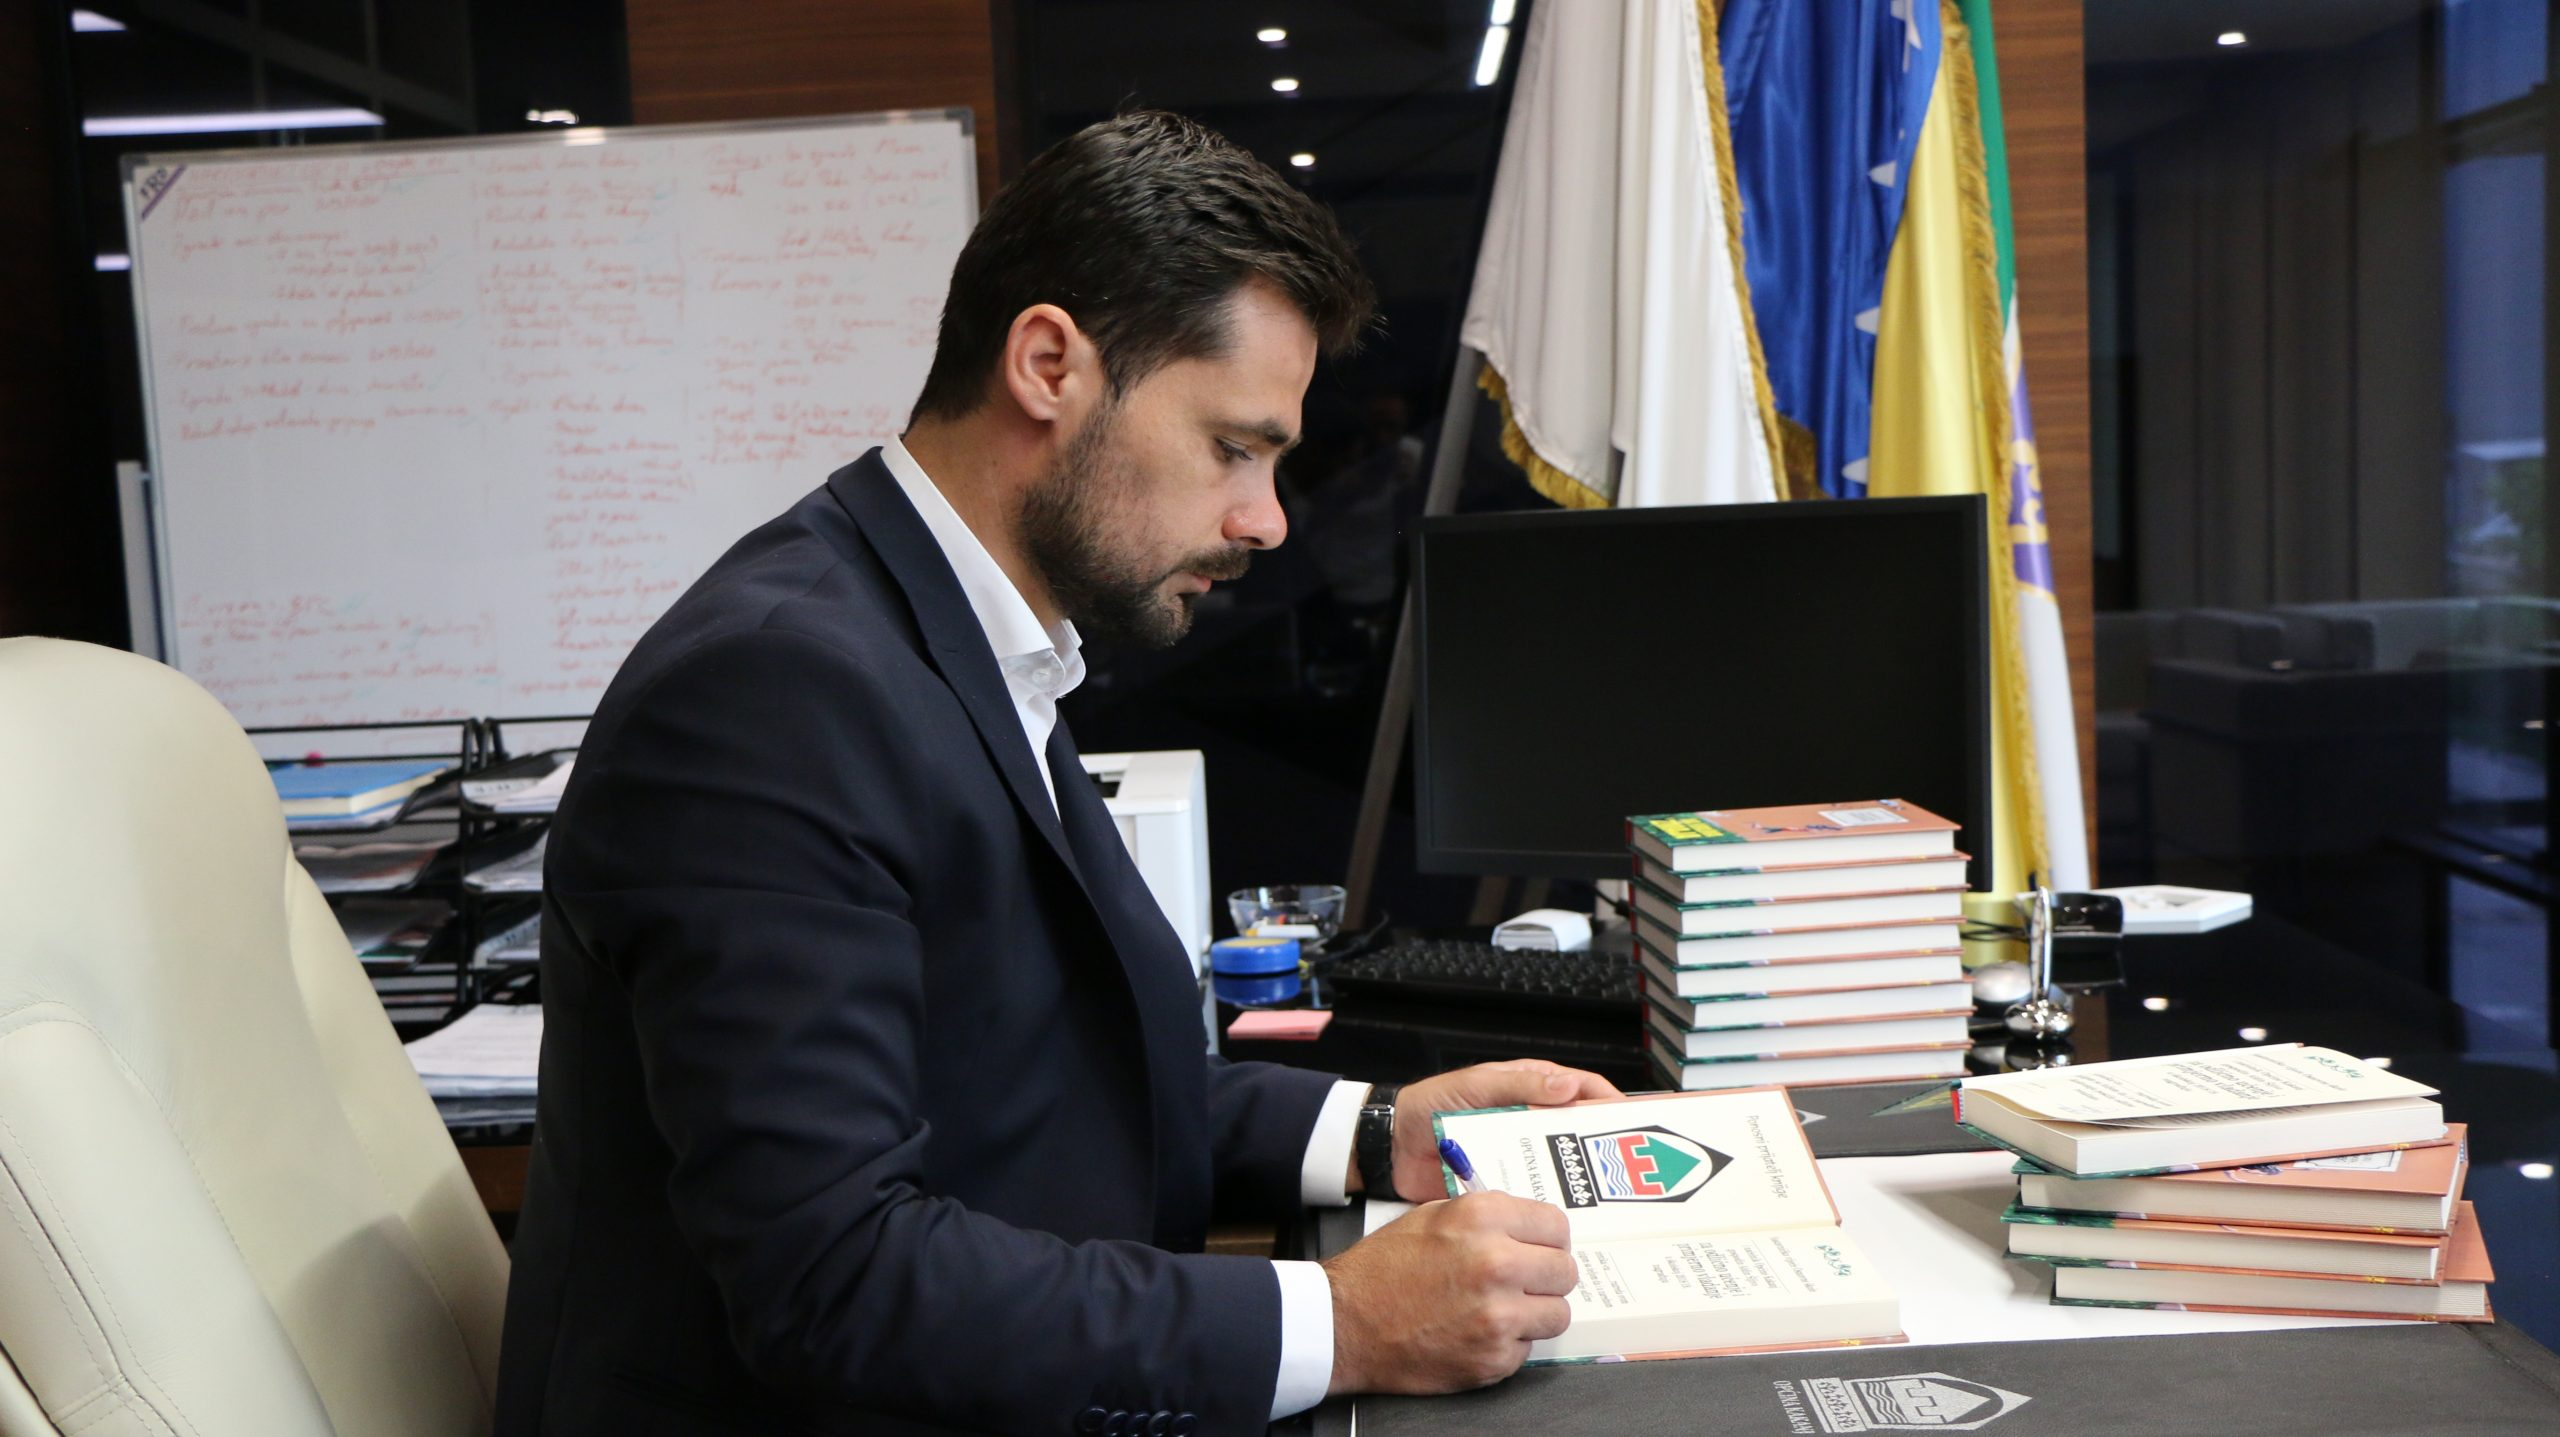 Čestitka načelnika Aldina Šljive povodom završetka školske godine: Budite i dalje vrijedni, kreativni i odlučni